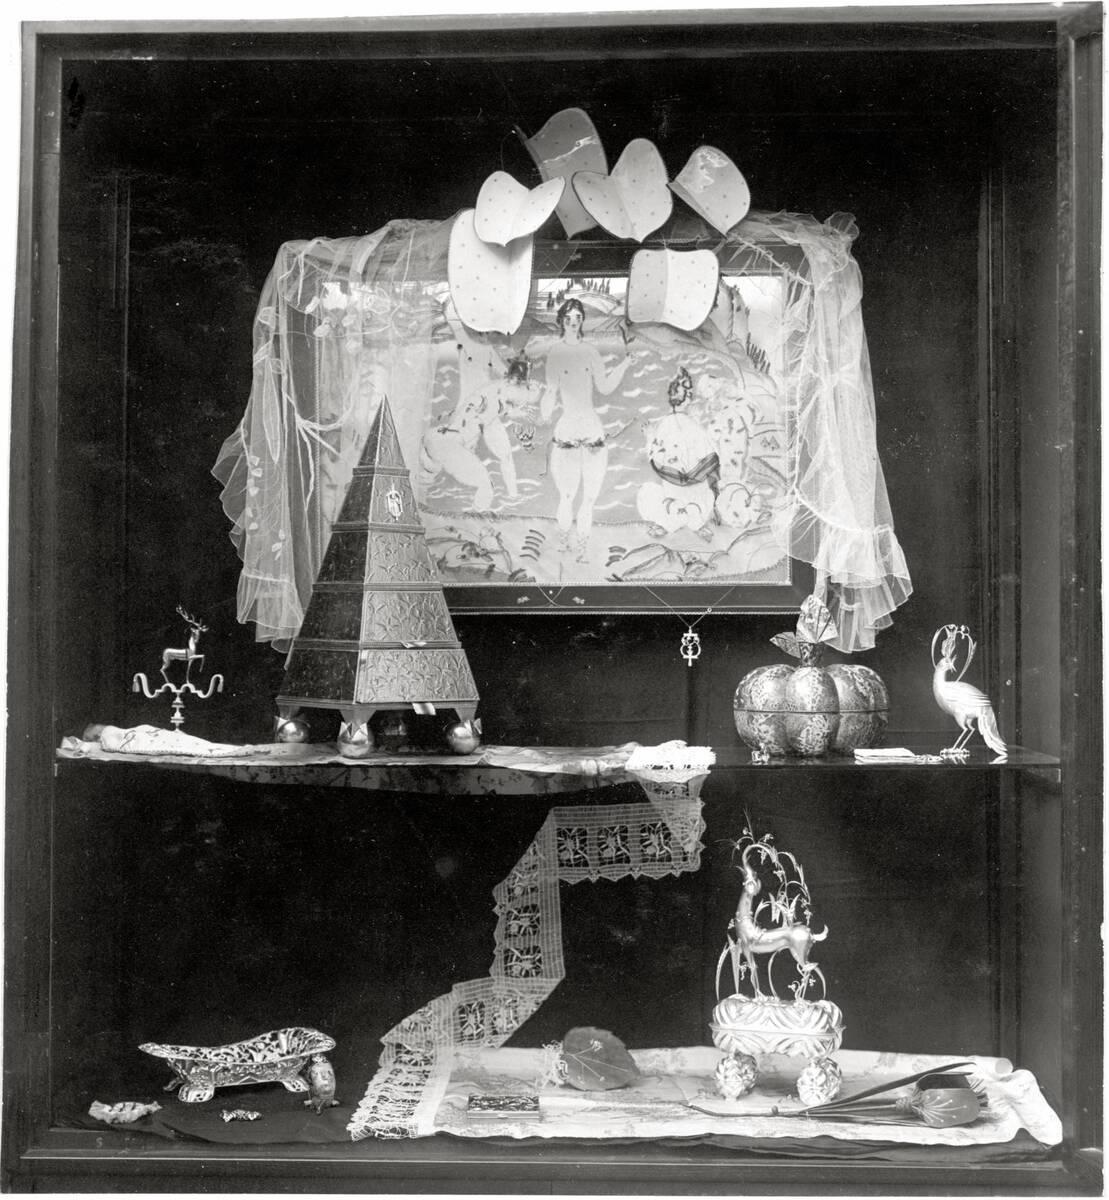 """Vitrine auf der Kunstschau 1920 im Österreichischen Museum für Kunst und Industrie, Wien I, Wollzeile 45 (heute Weiskirchnerstraße 3): """"Aufsatz mit Hirsch"""", """"Schachtelpyramide"""", """"Kürbis"""", """"Vogel"""", """"Brotkorb"""", """"Dose"""" mit Reh von Peche, Dagobert"""